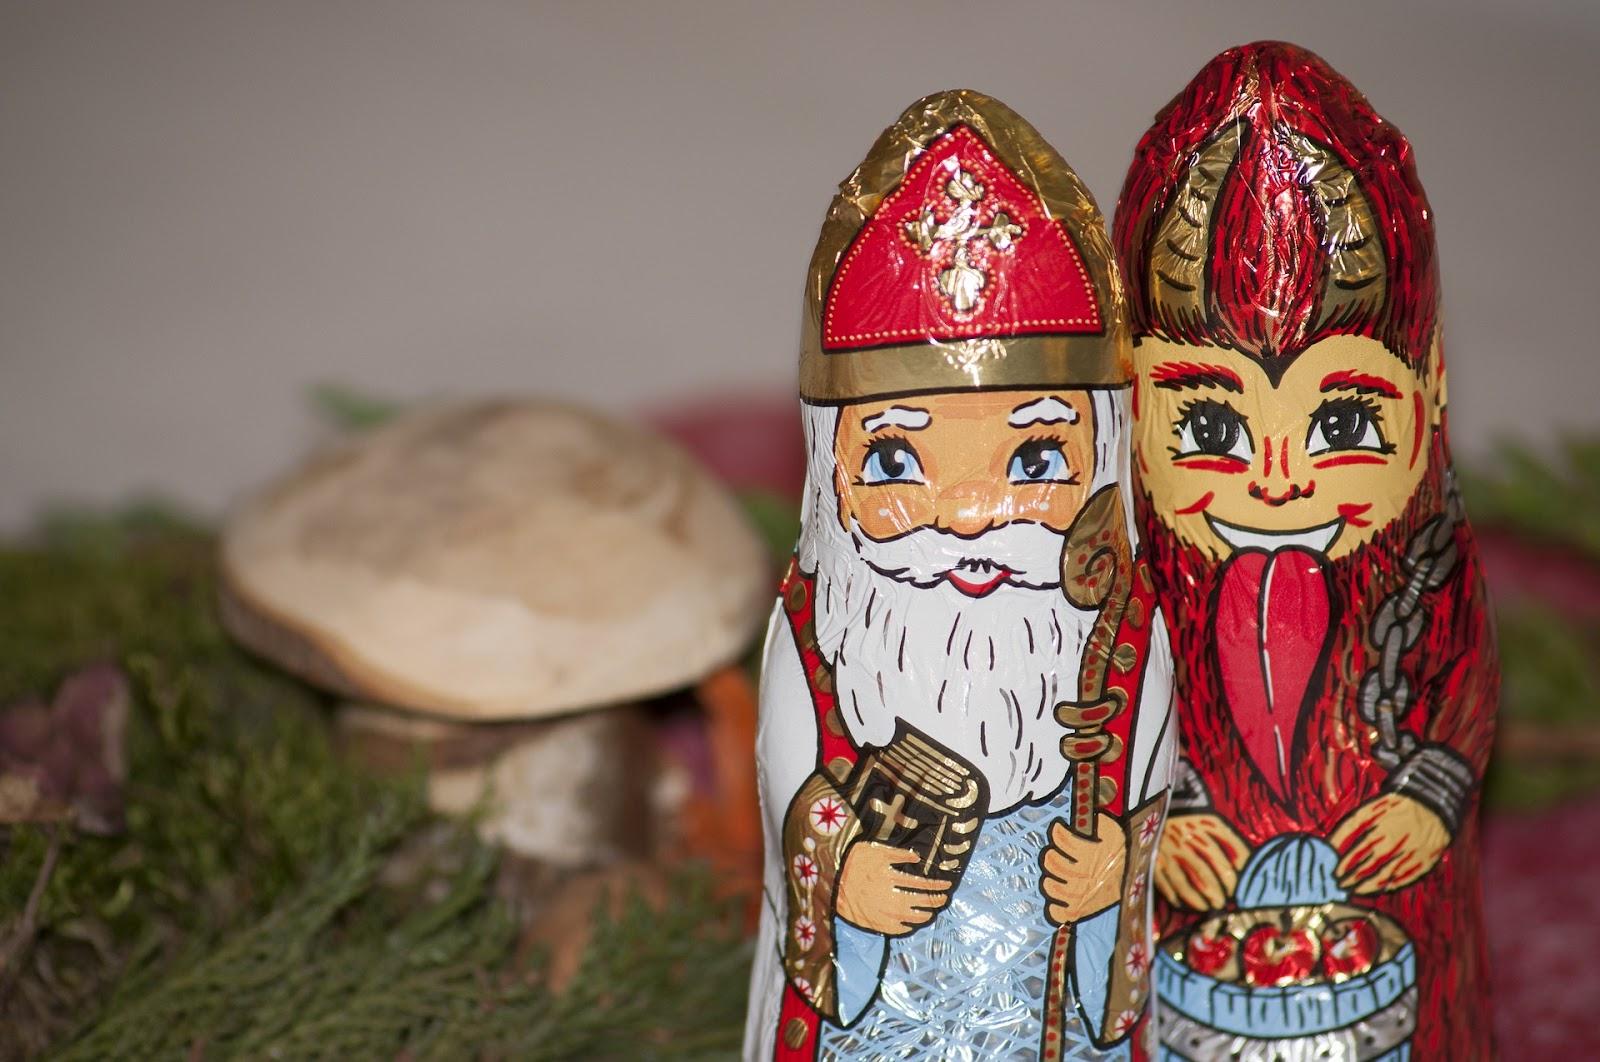 El Krampus, la figura maligna que hace su aparición en vísperas de Navidad